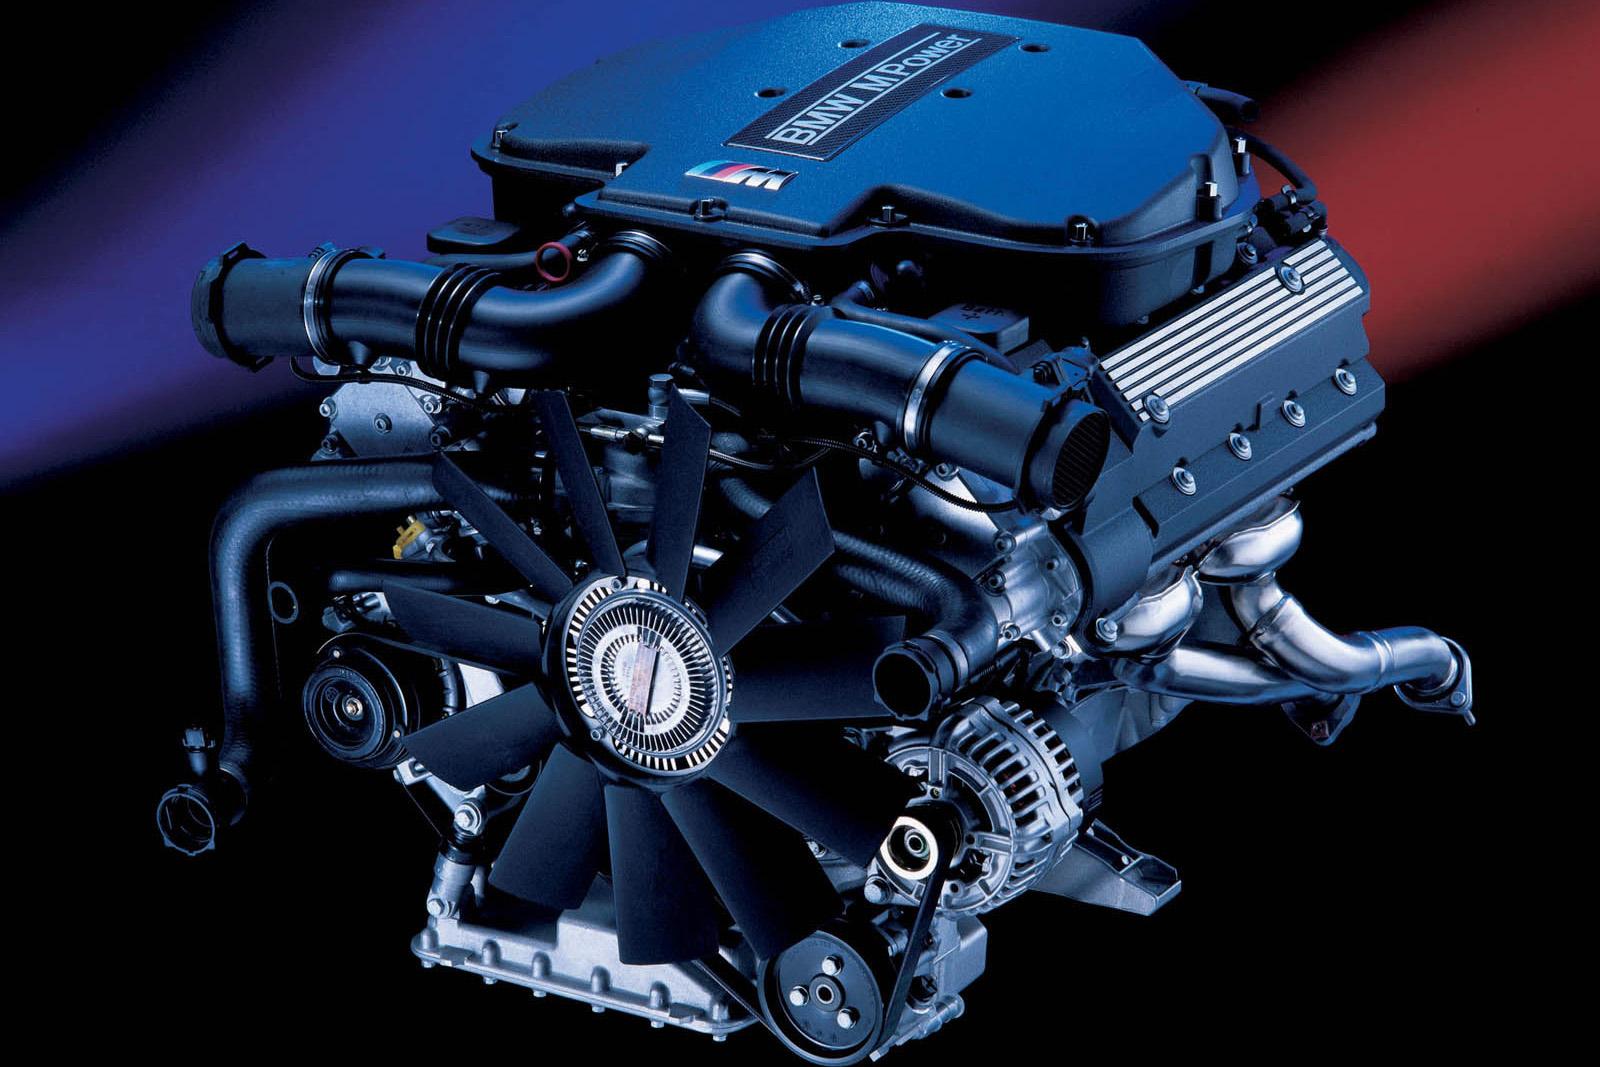 S62 BMW Engine